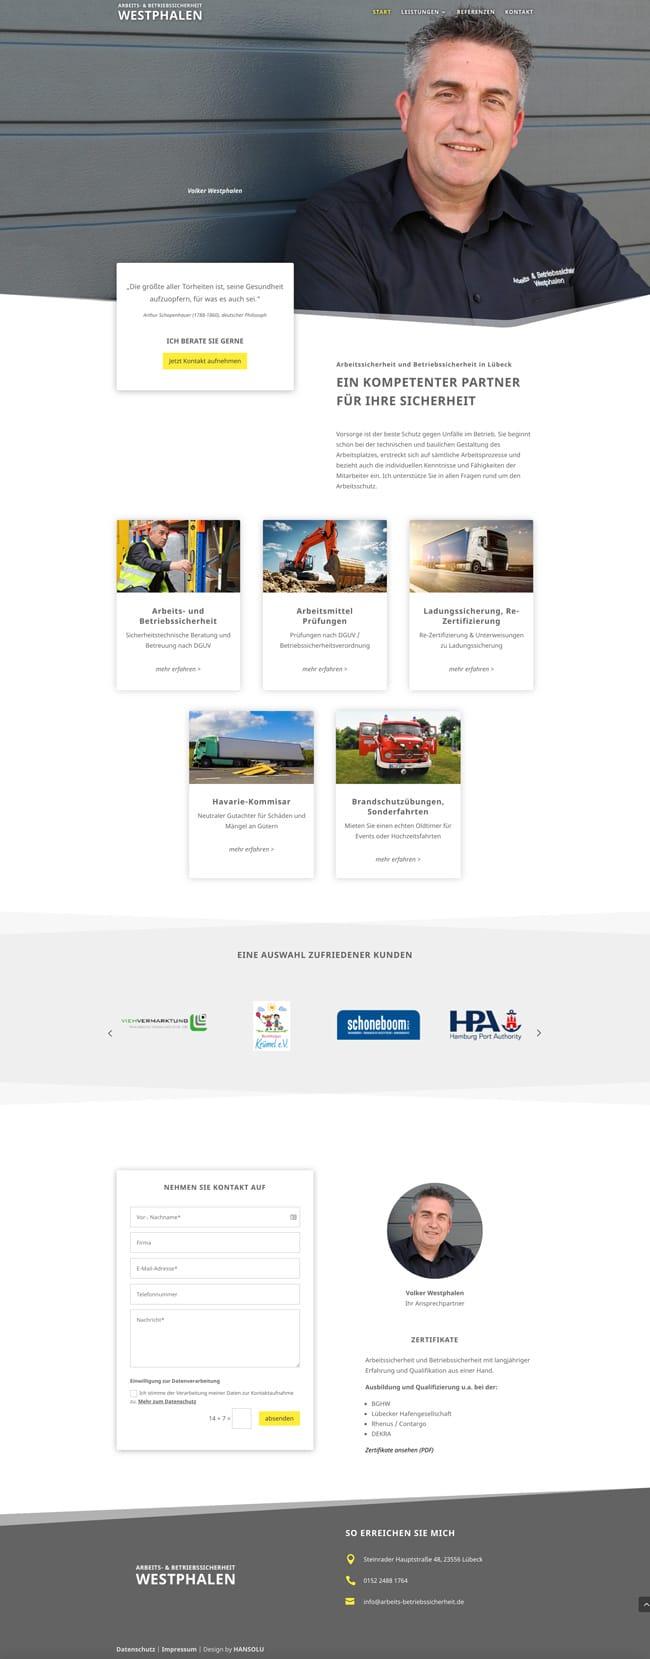 Moderne Webdesign für Berater / Neue Website für Arbeitssicherheit Westphalen